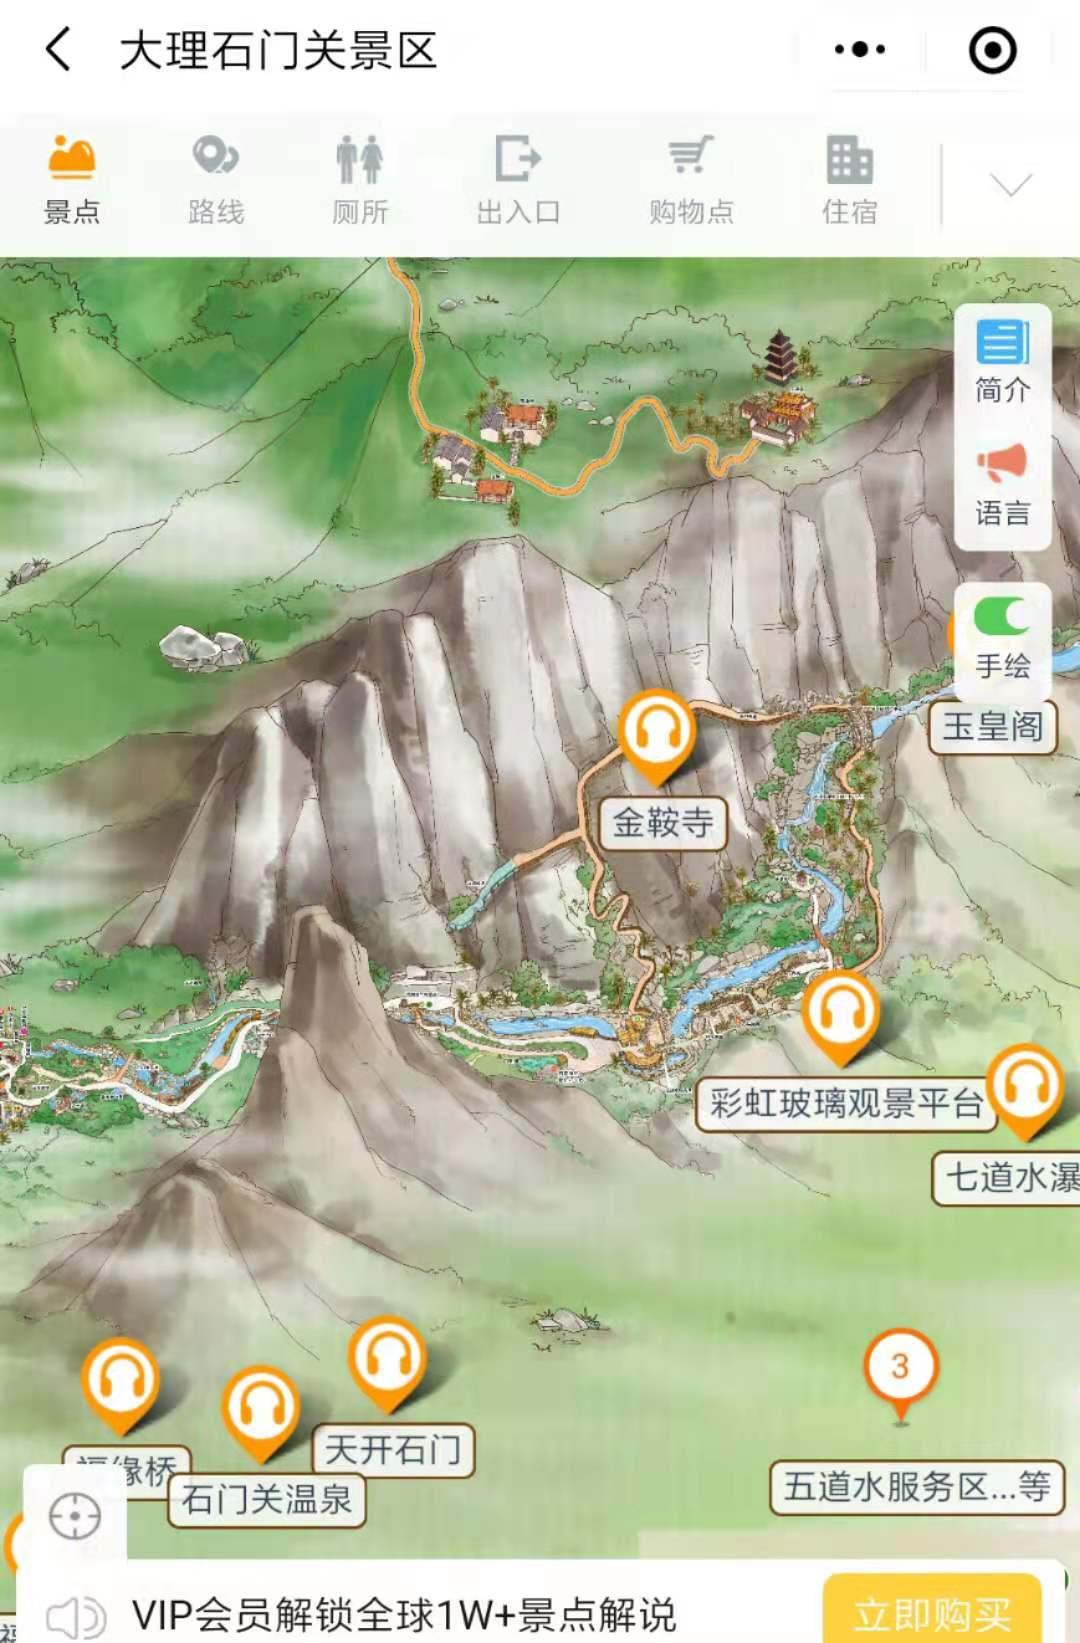 云南大理4A级石门关景区手绘地图、语音讲解、电子导览等智能导览系统现已上线.jpg